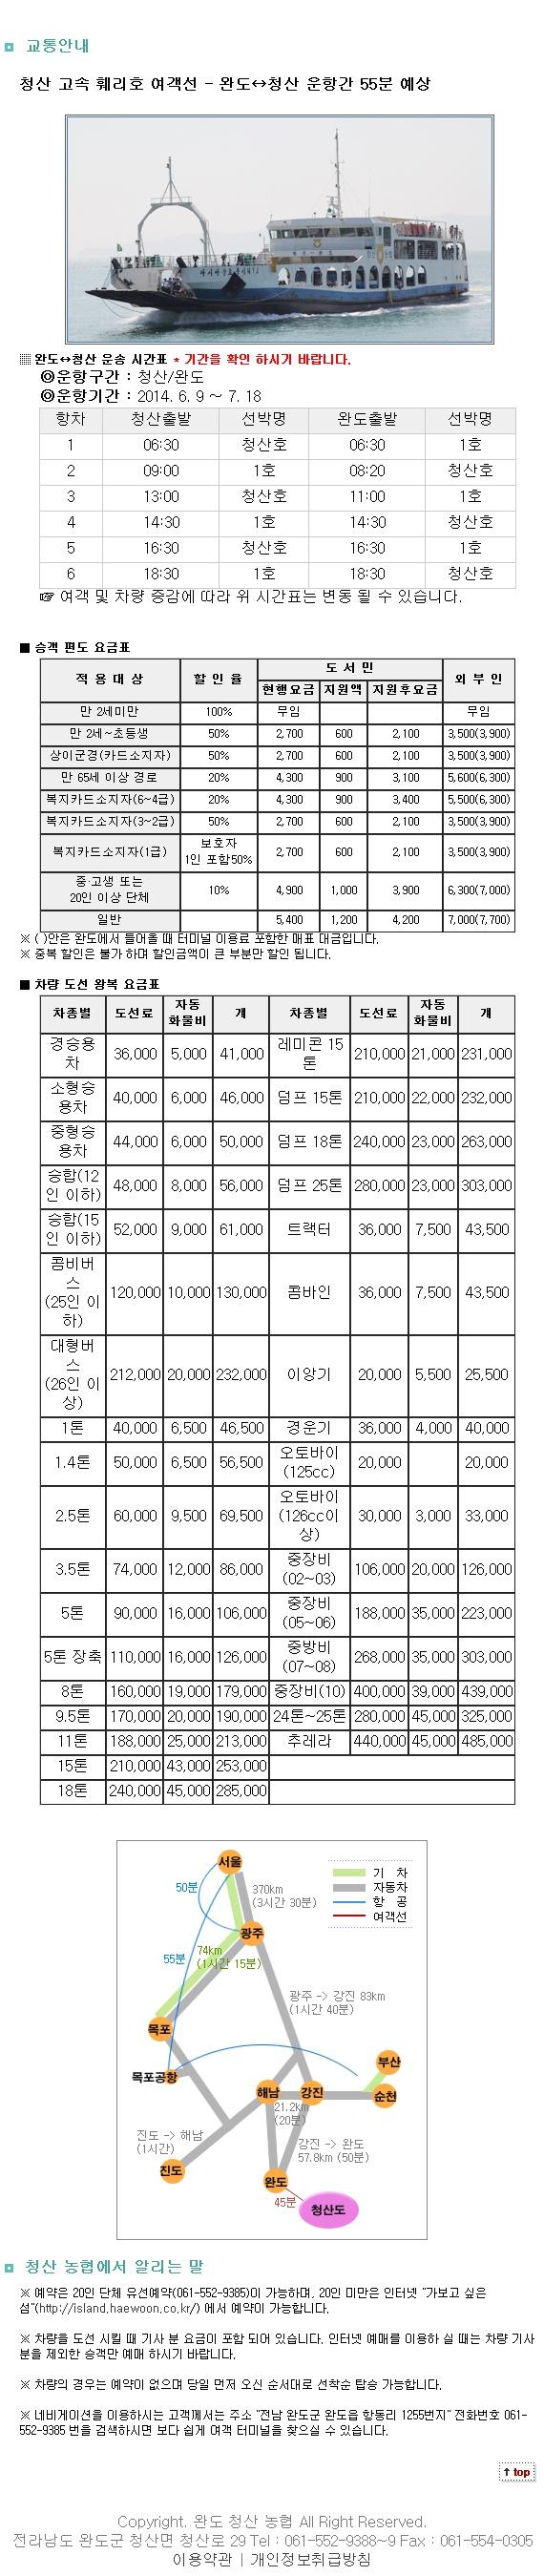 cheongsan-time20140609-0718.jpg